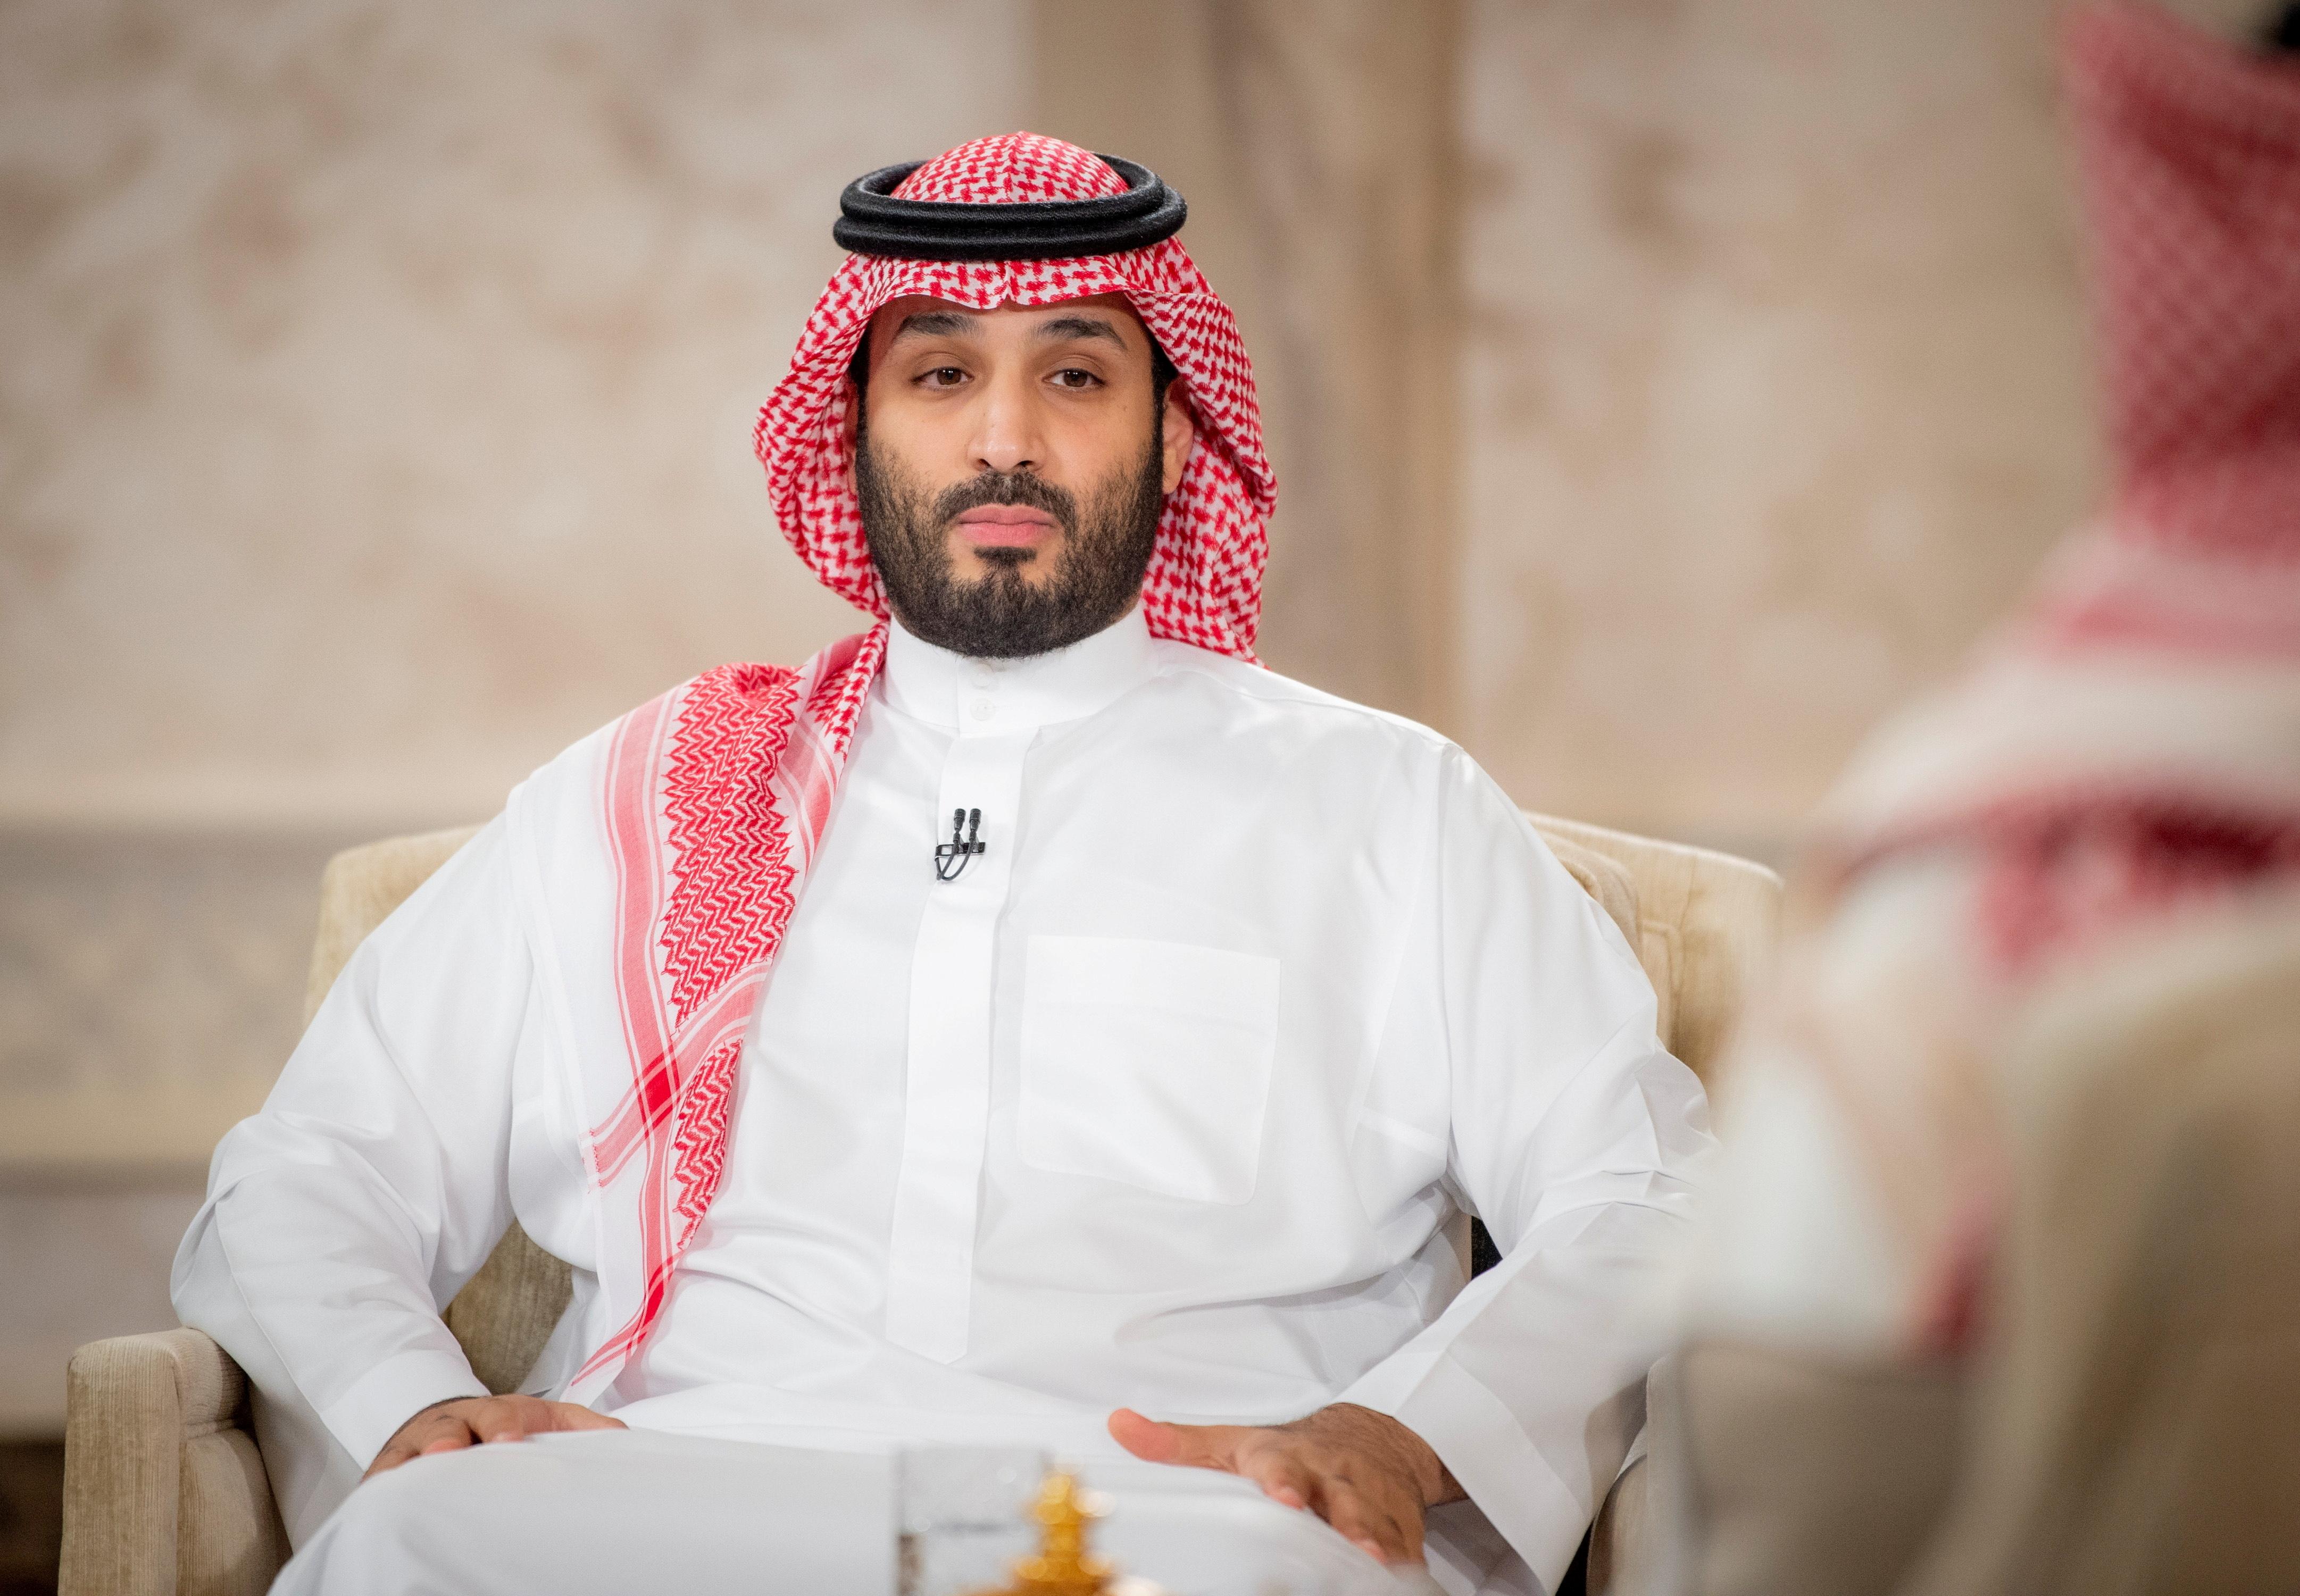 El príncipe heredero Bin Salman.